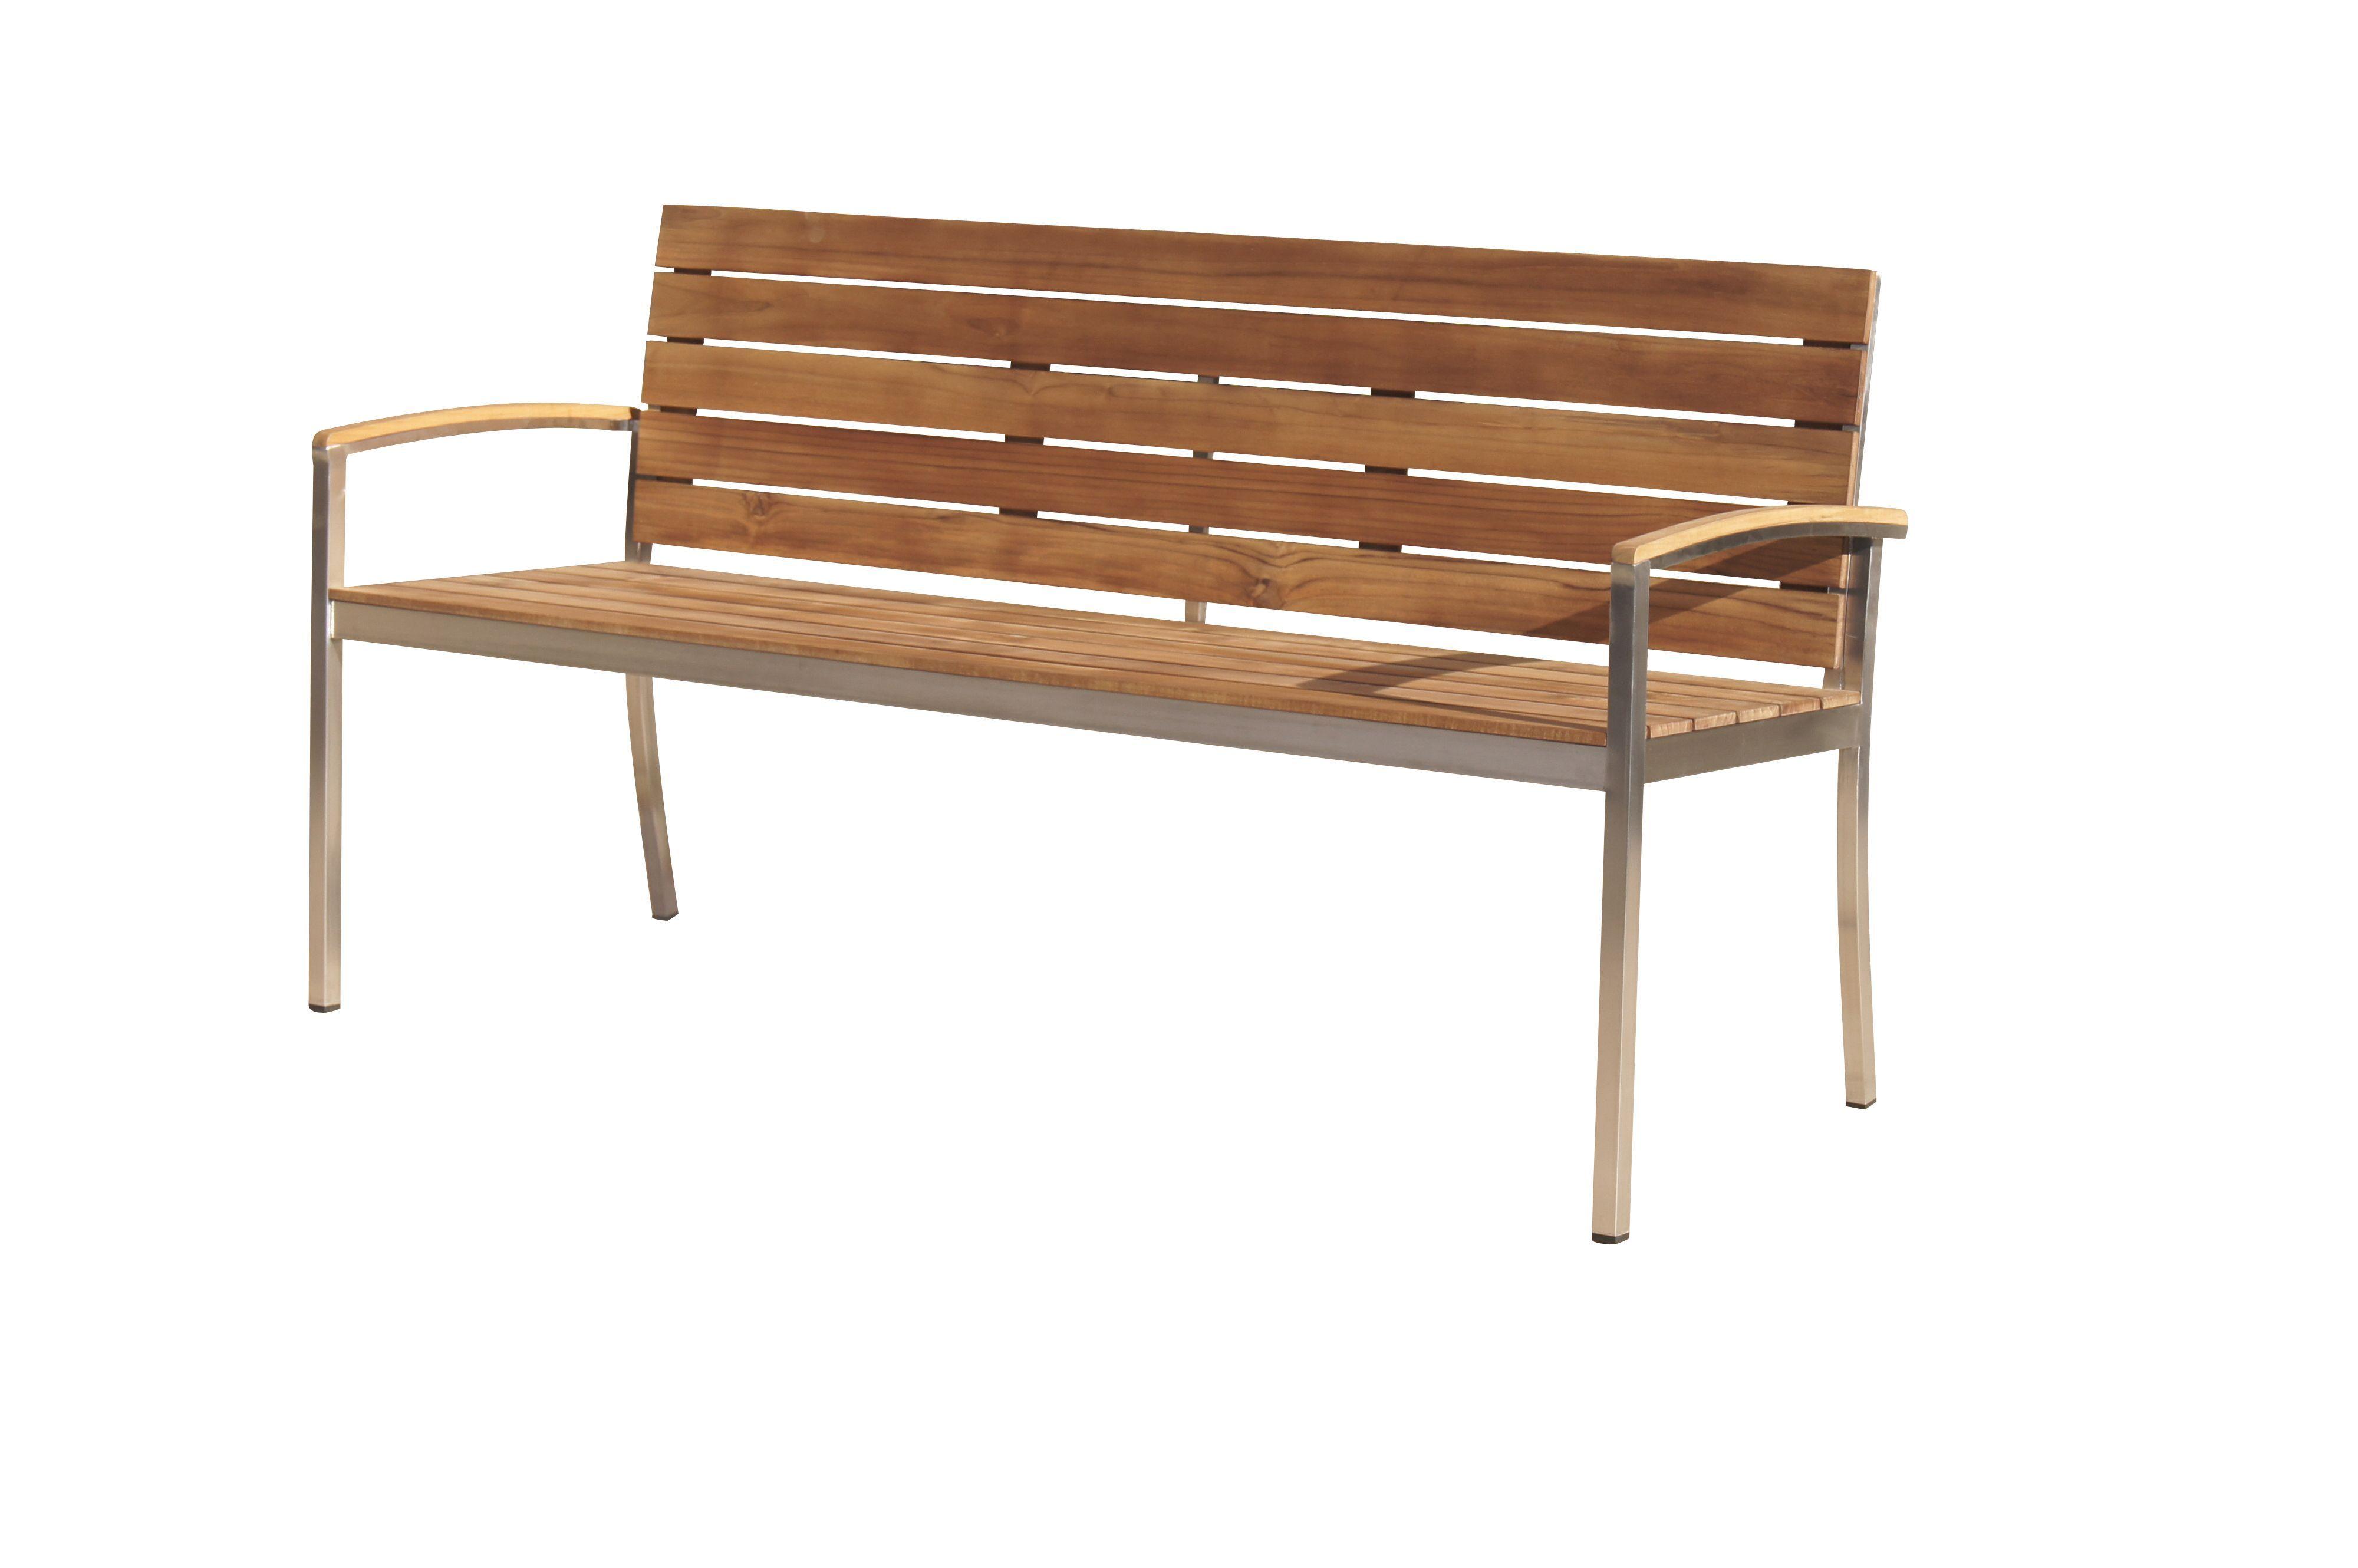 OUTFLEXX Gartenbank Teak 3 Sitzer 160x55x80cm ...